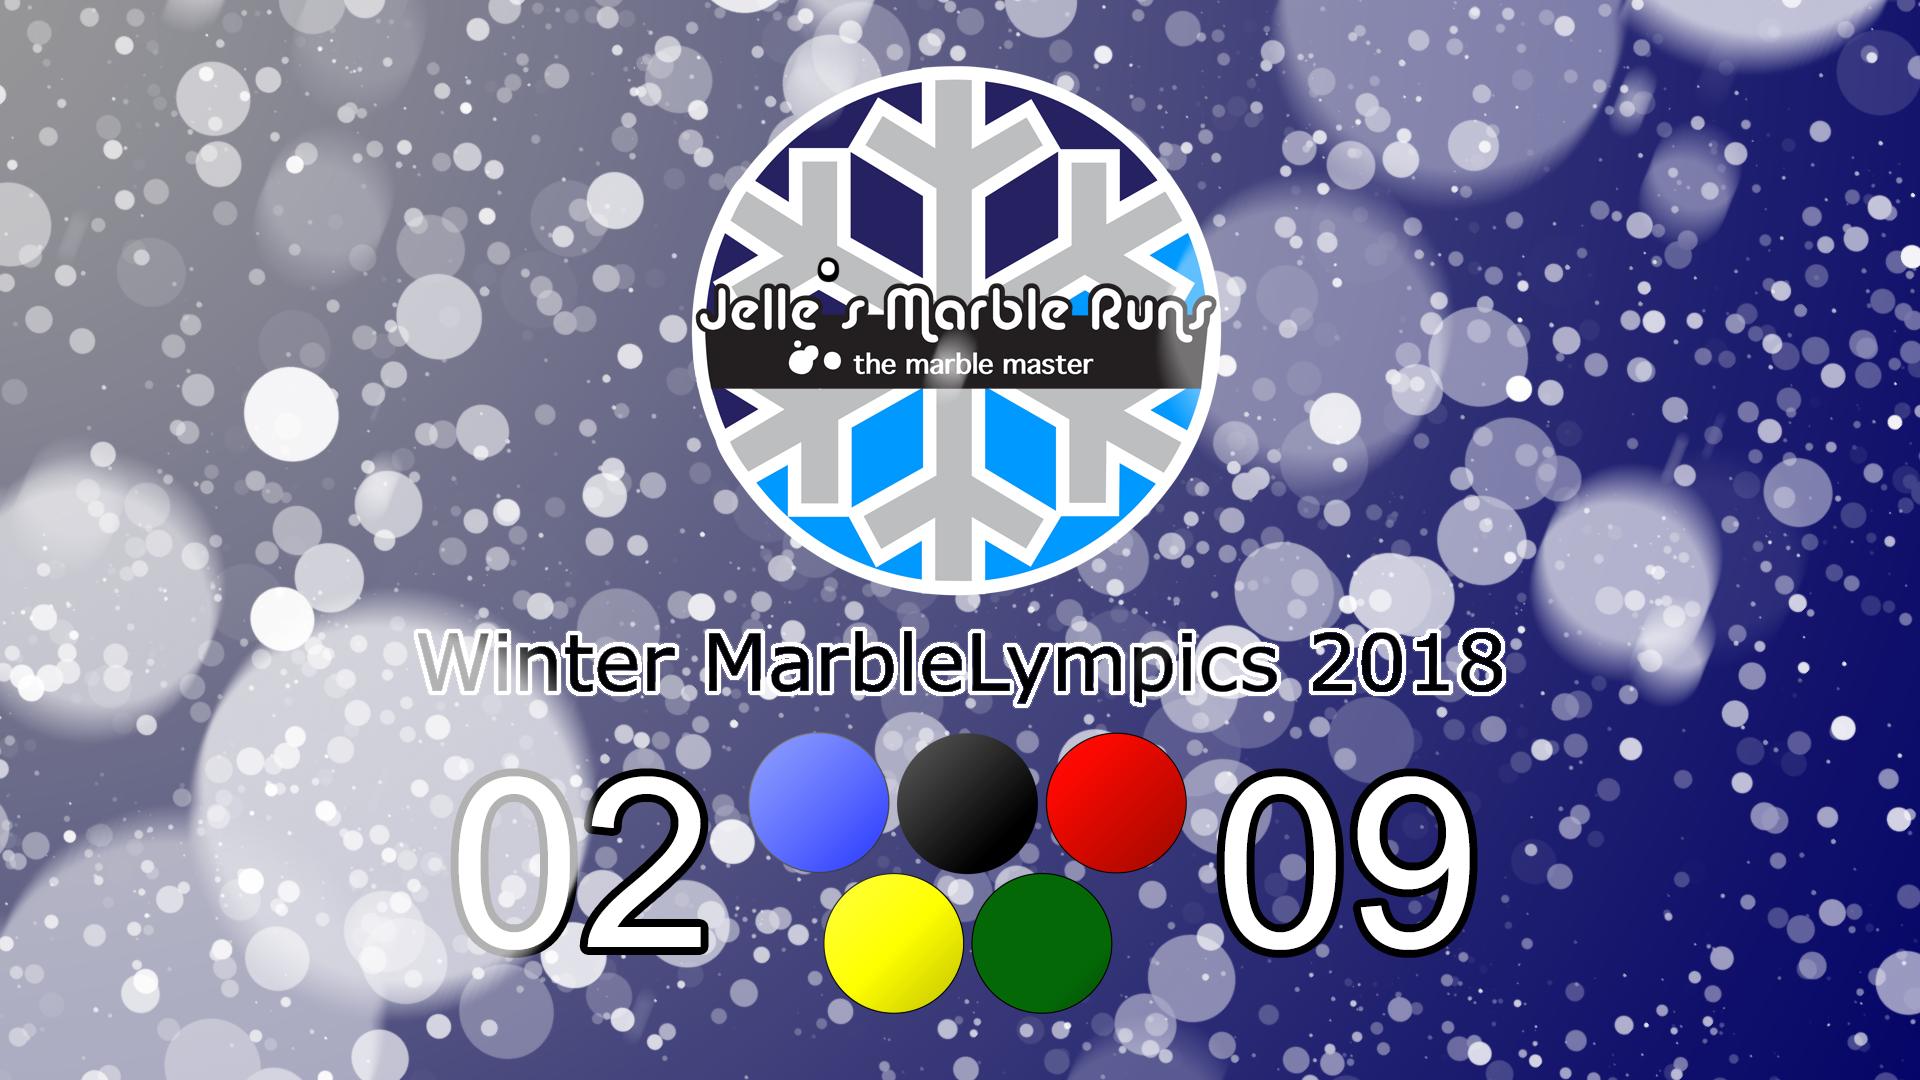 MarbleLympics